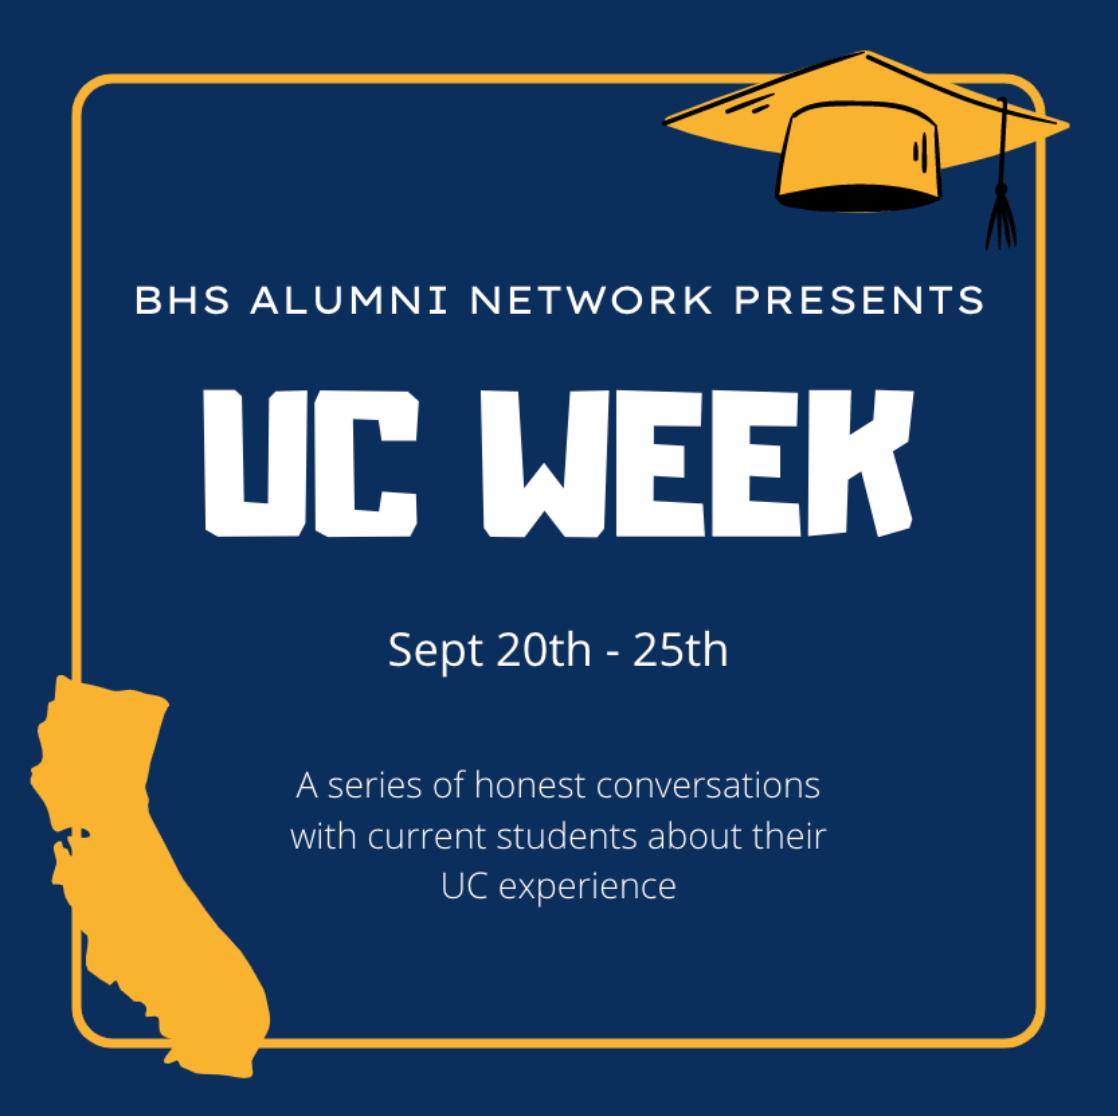 UC Week